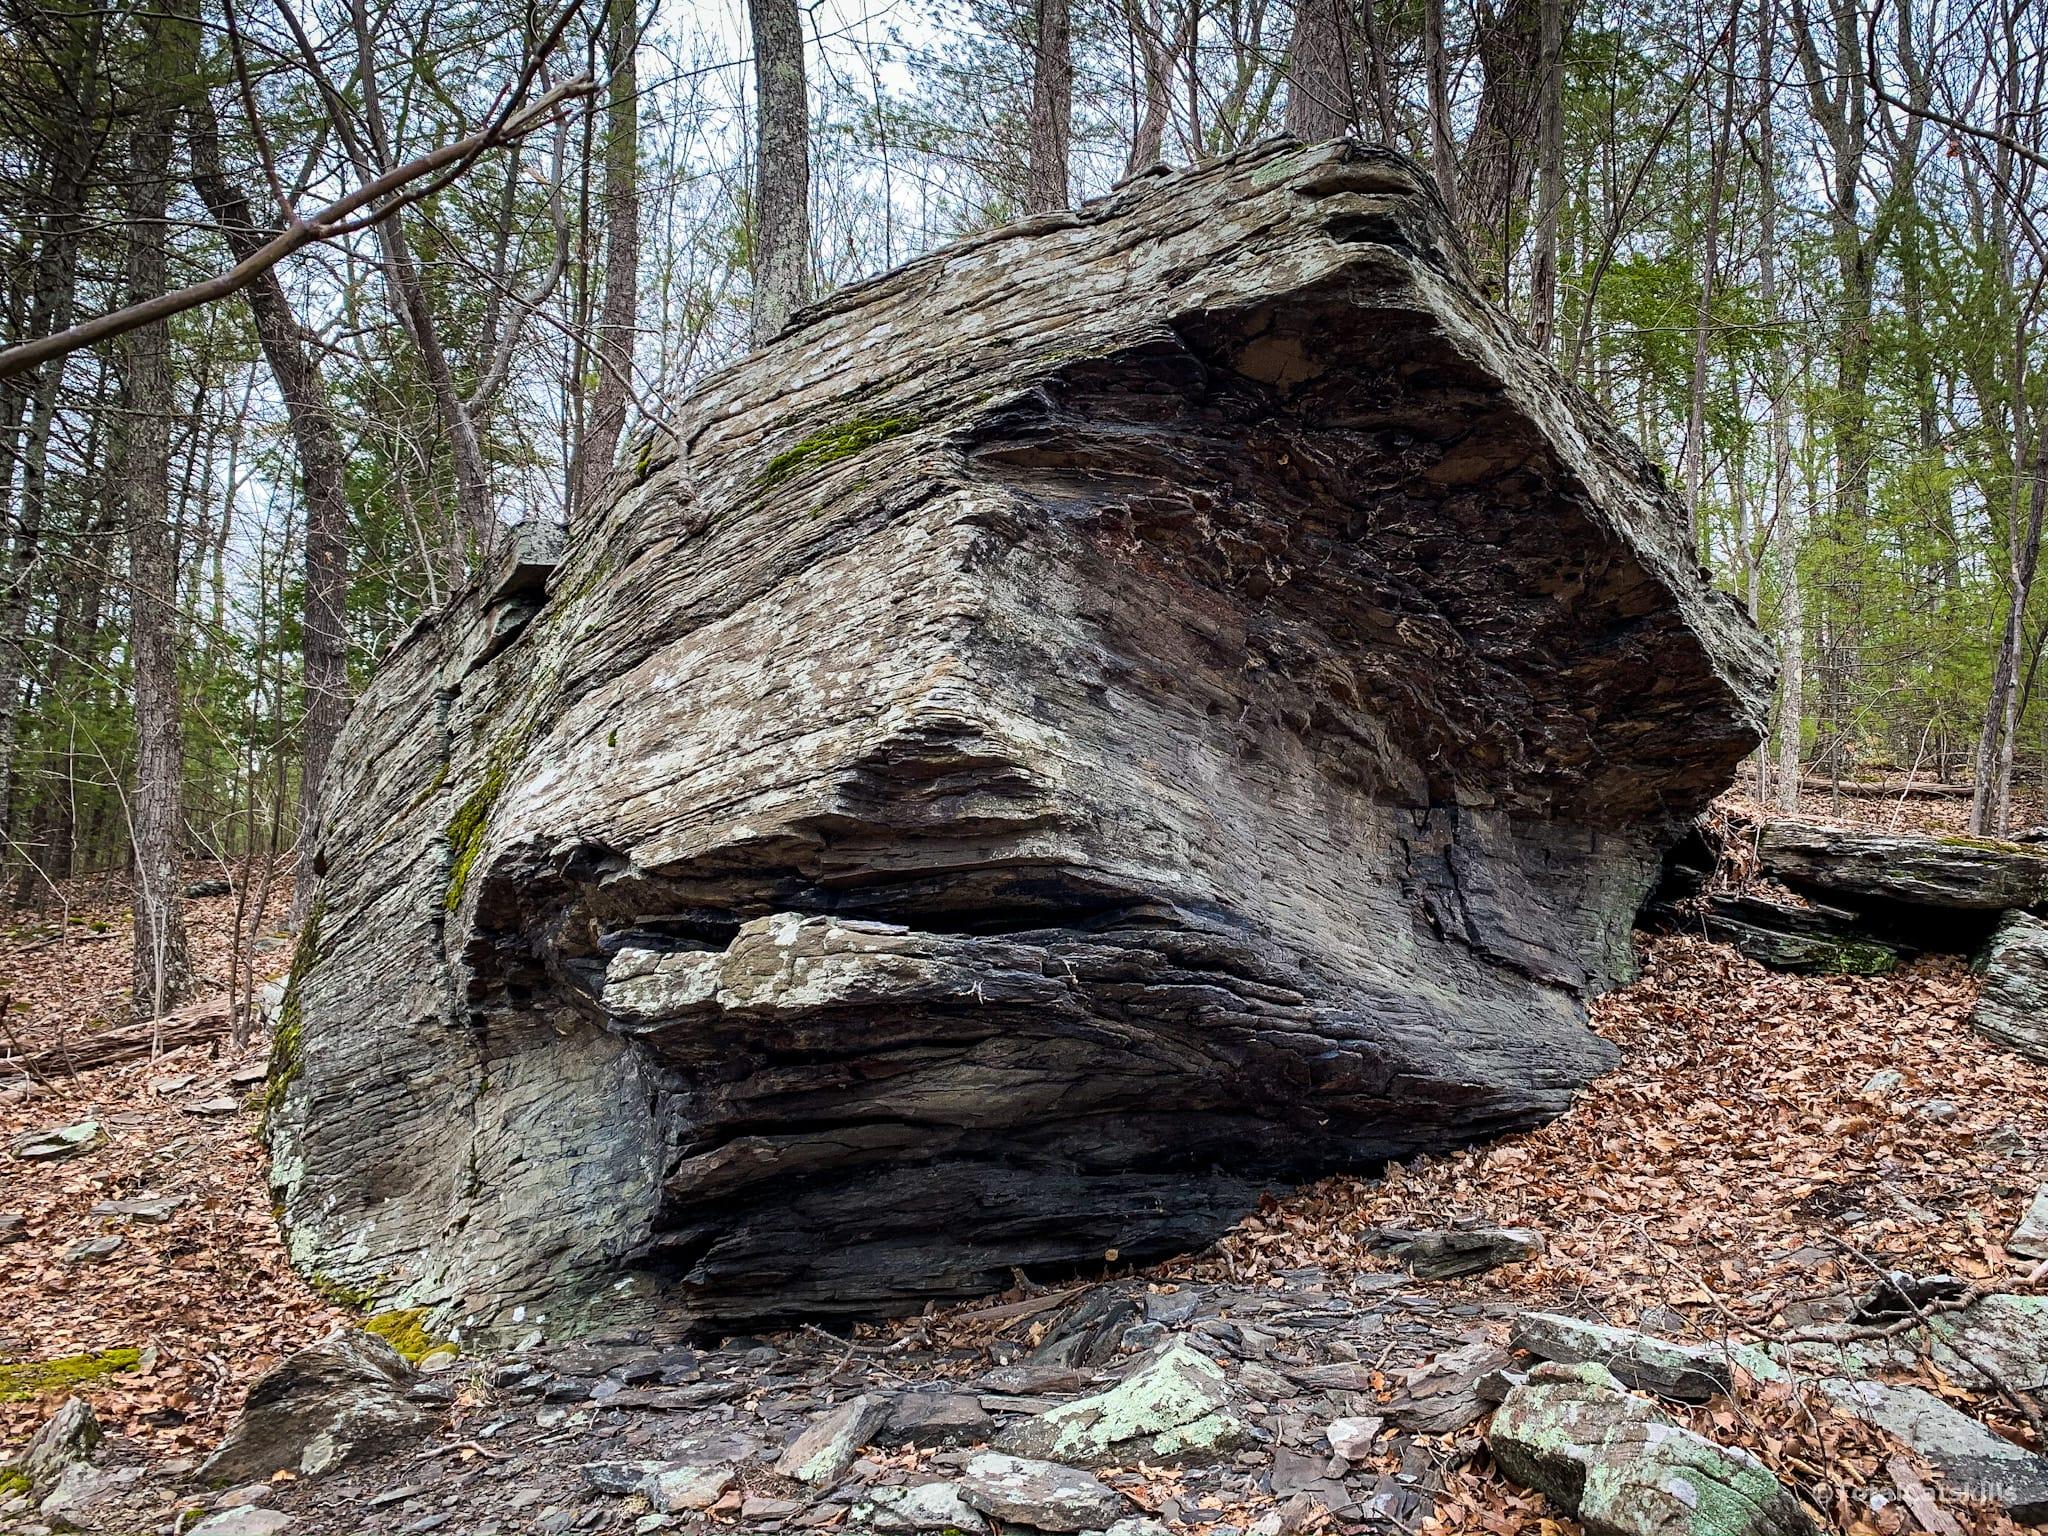 boulder, trees